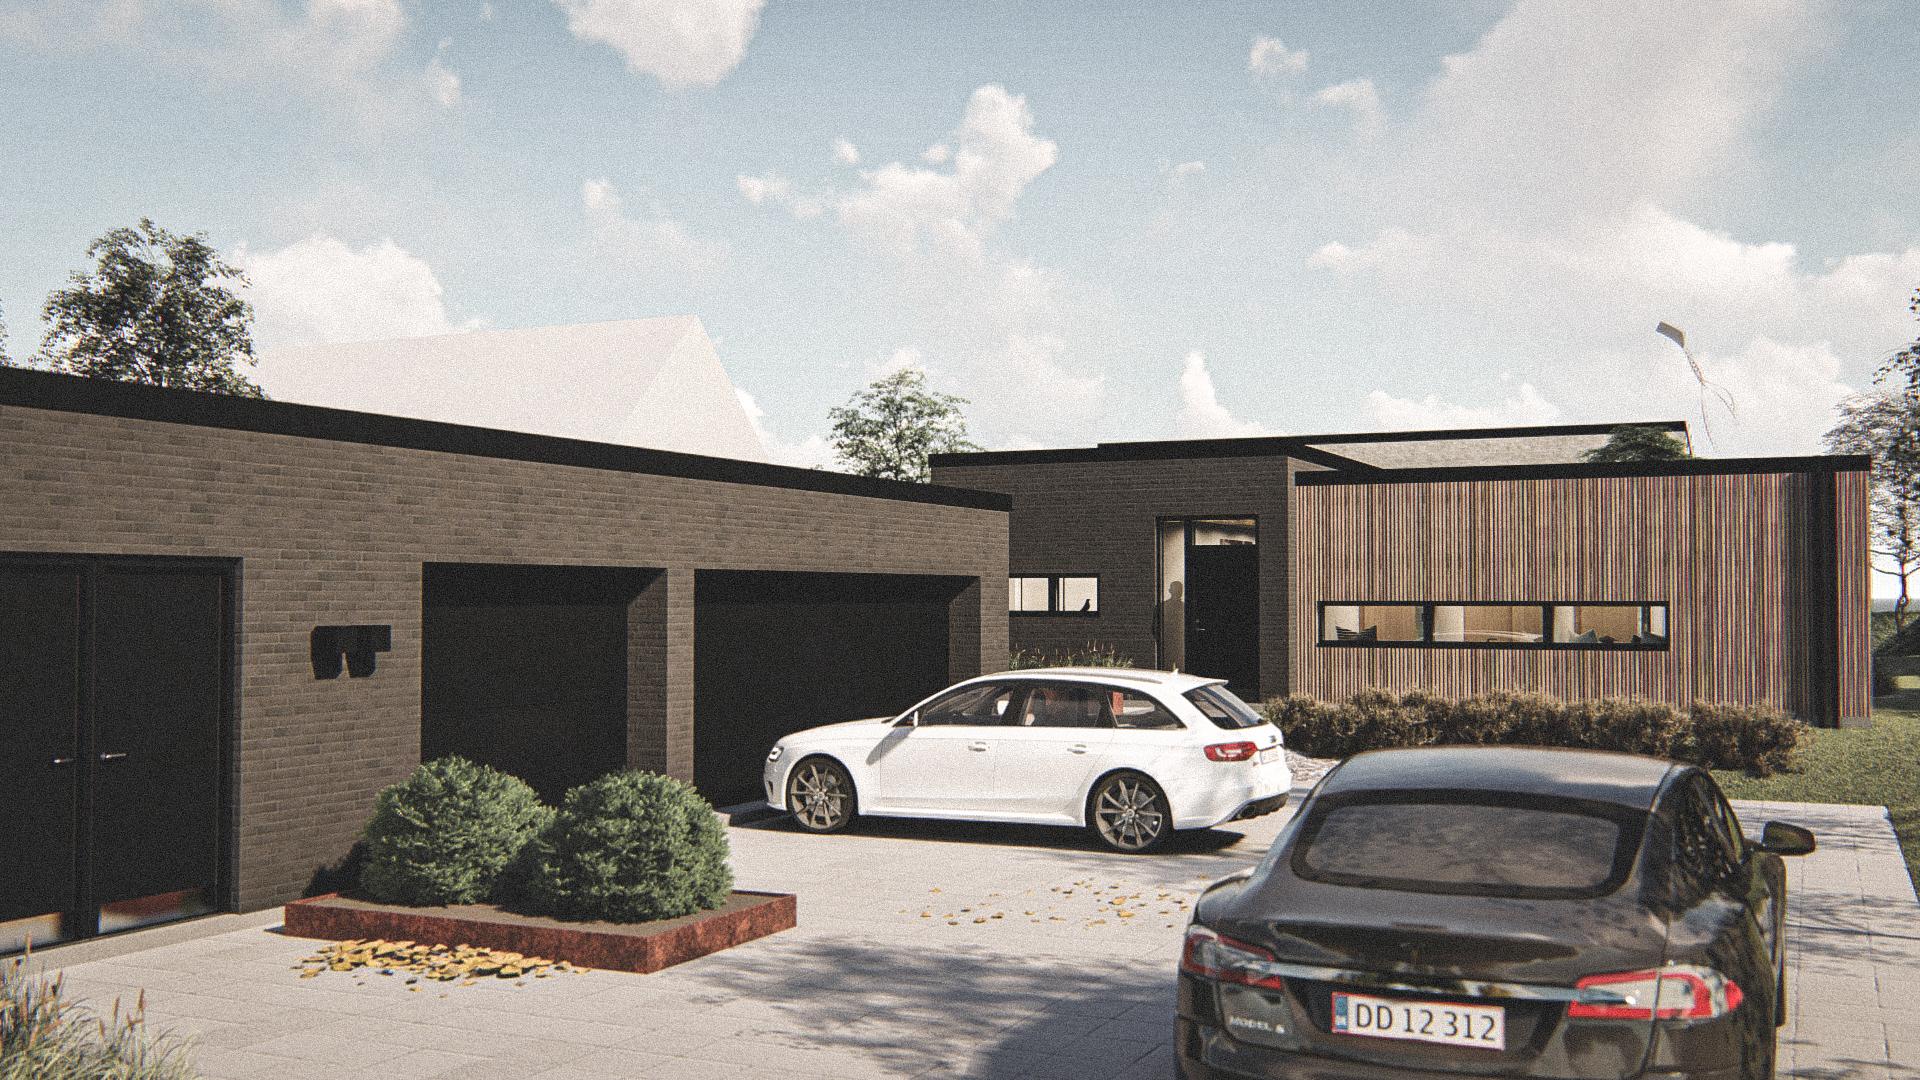 Billede af Dansk arkitekttegnet 1 plan villa af arkitektfirmaet m2plus, i Løgstrup på 190 kvartratmeter.